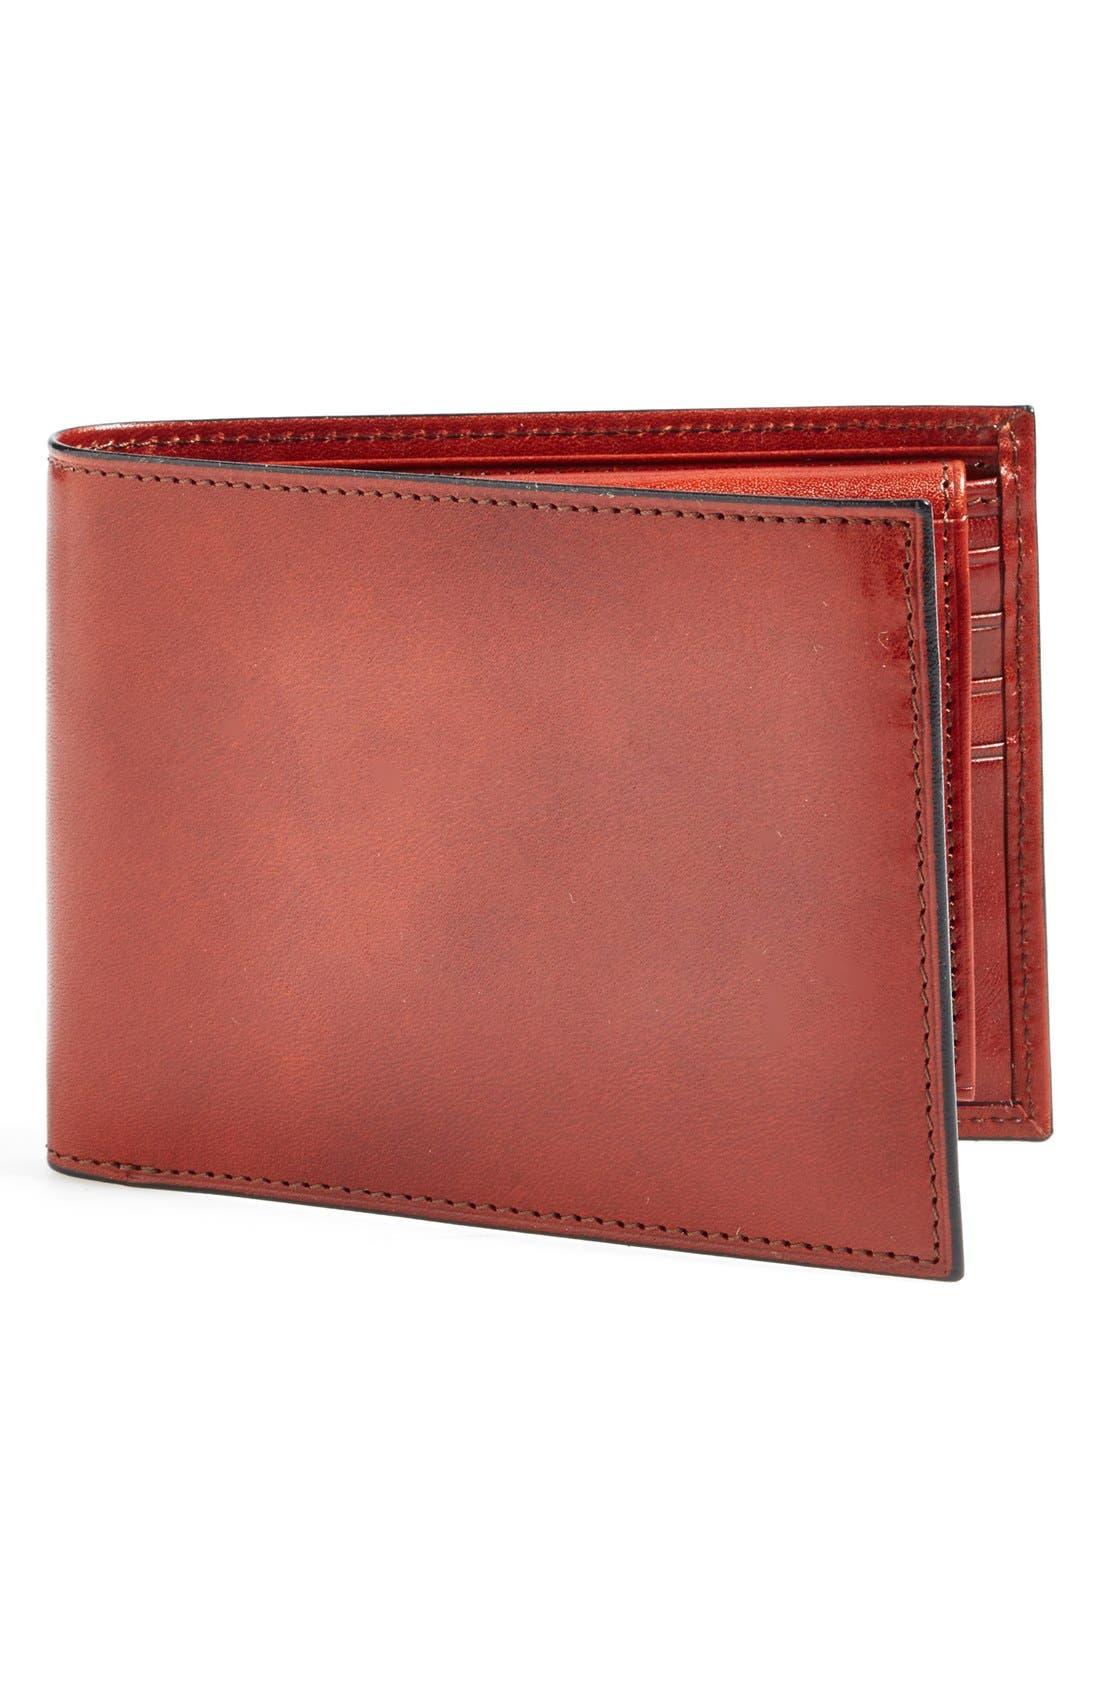 1d631e78f1a0 Men's Wallets | Nordstrom